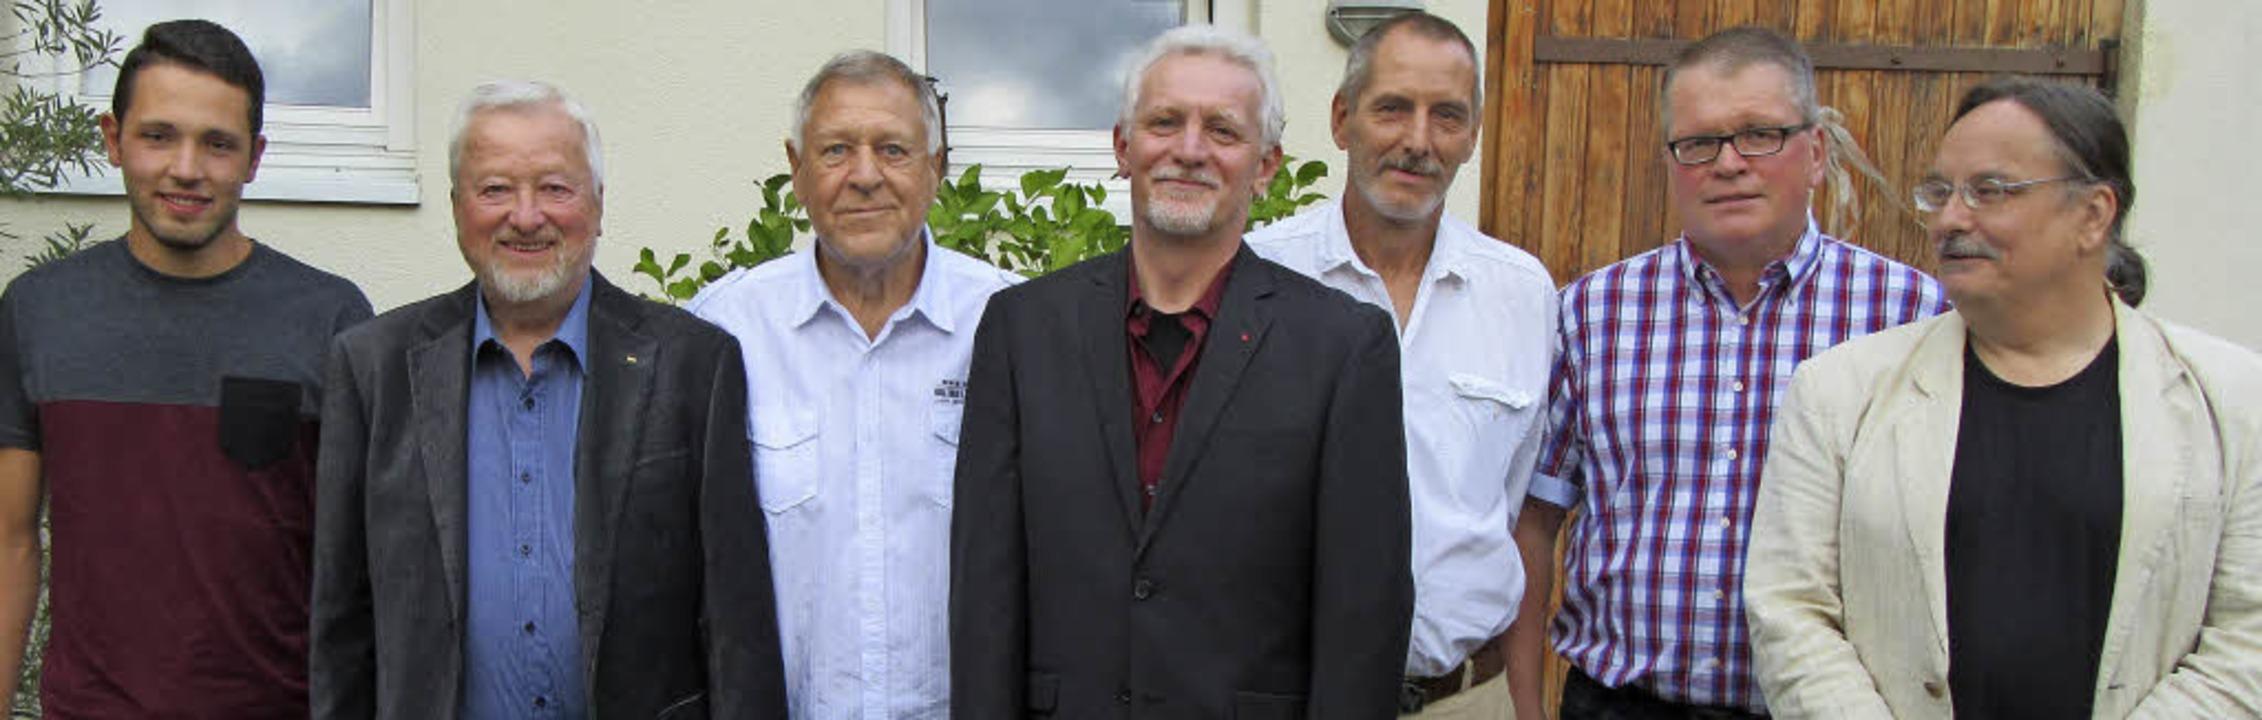 Von links: Lukas Strobel (Beisitzer), ...tzender), Frieder Müller (Beisitzer).   | Foto: Privat